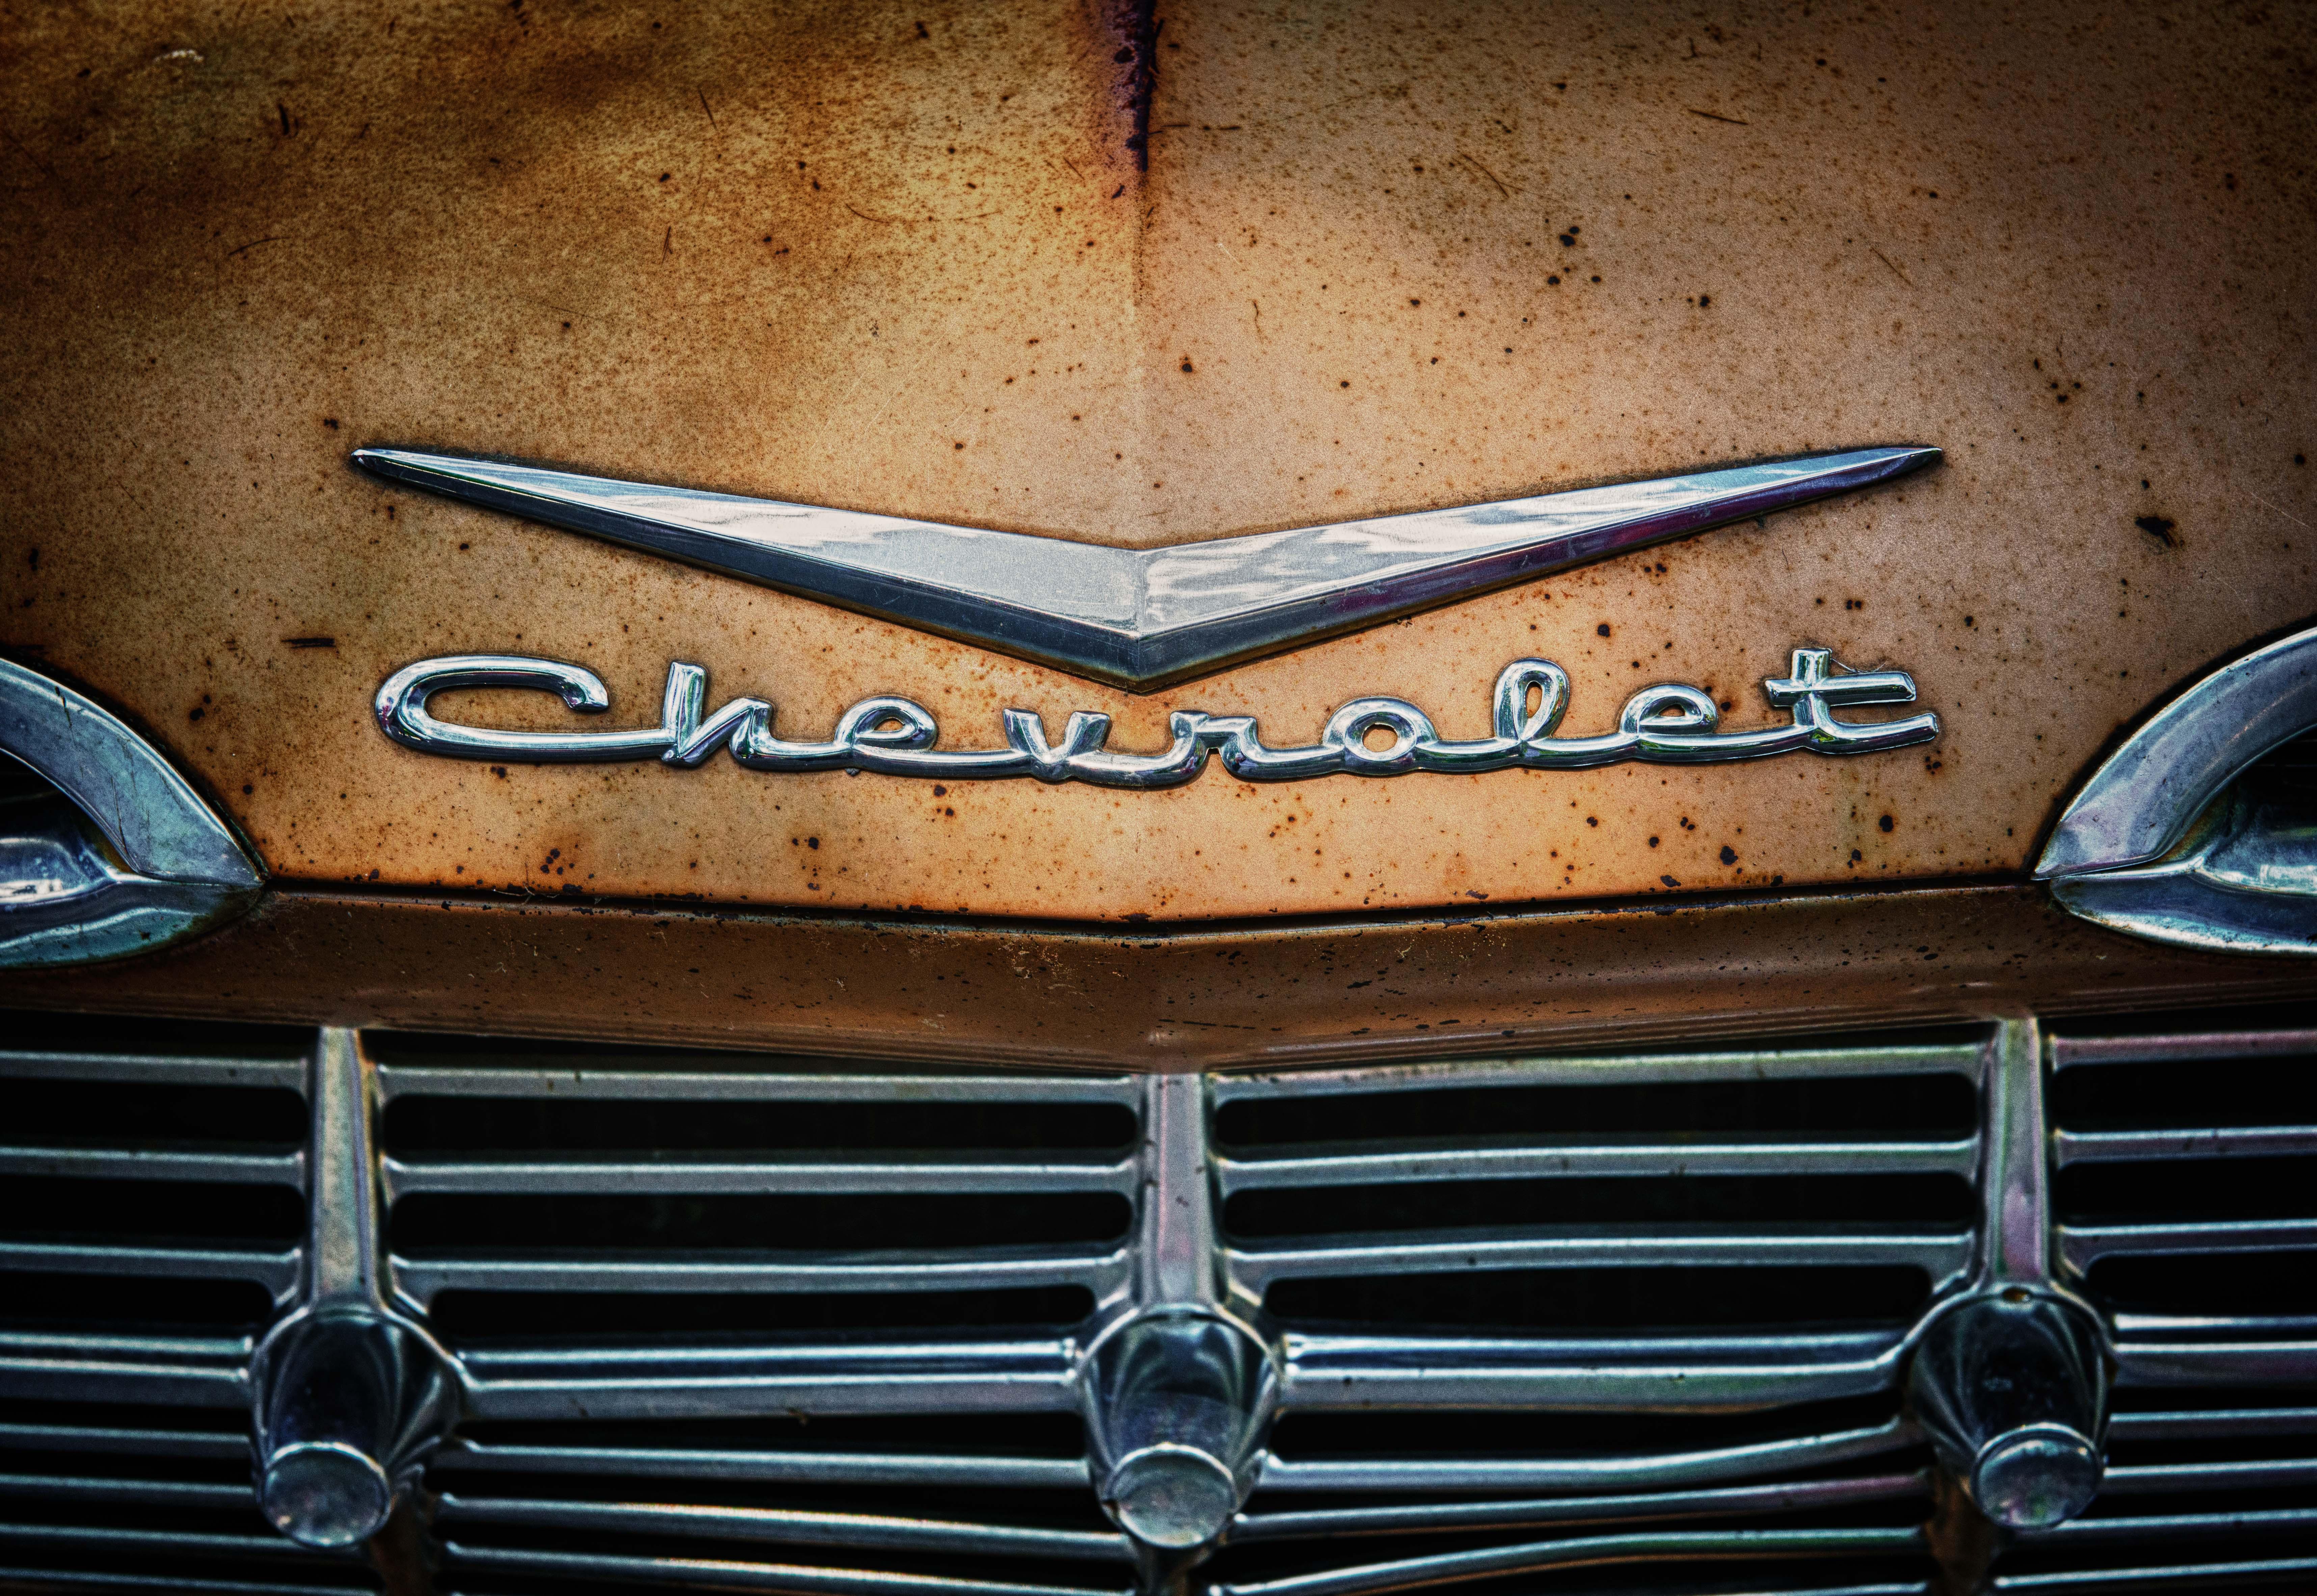 Chvrolet Impala